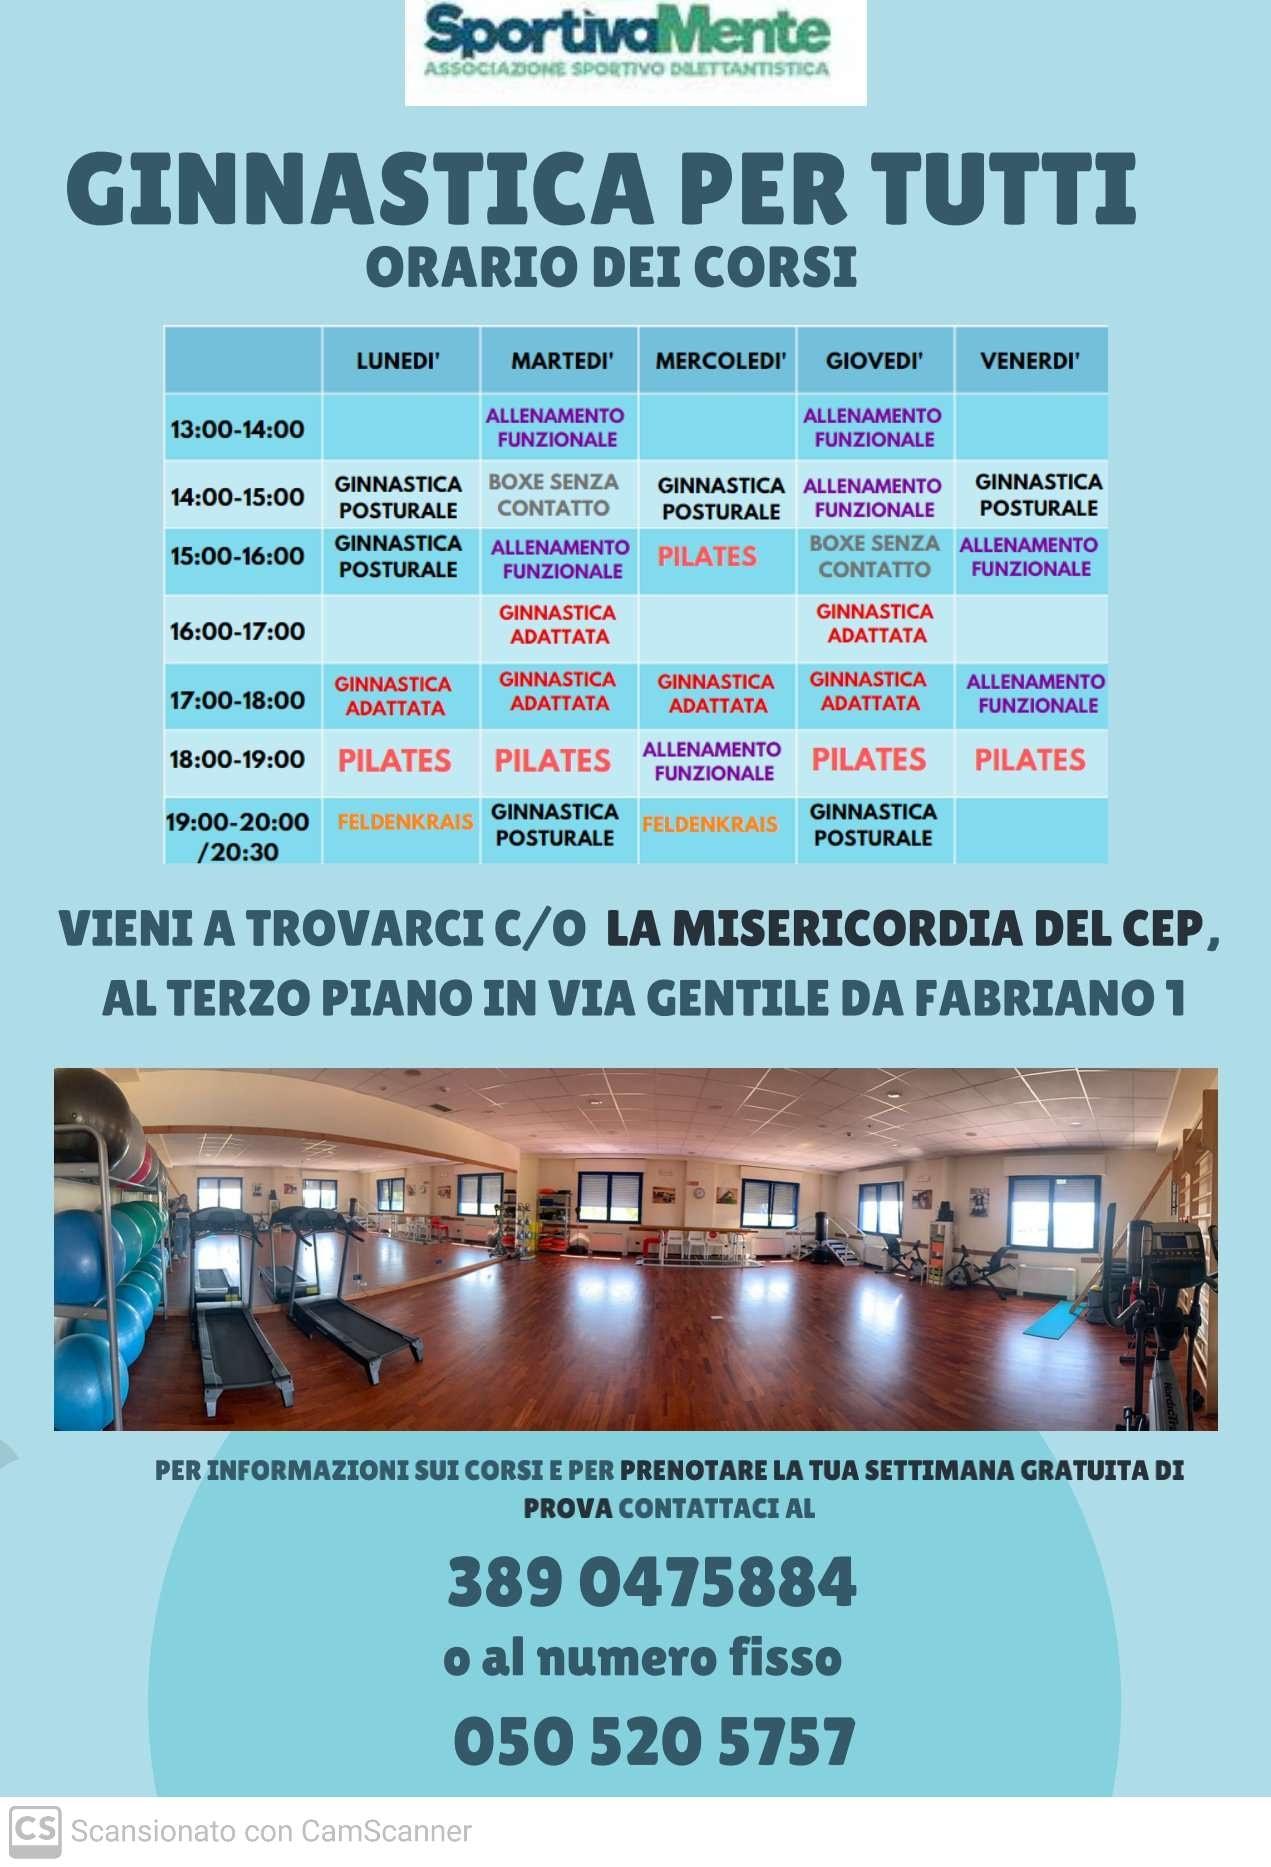 SportivaMente_Pisa_Ginnastica per tutti